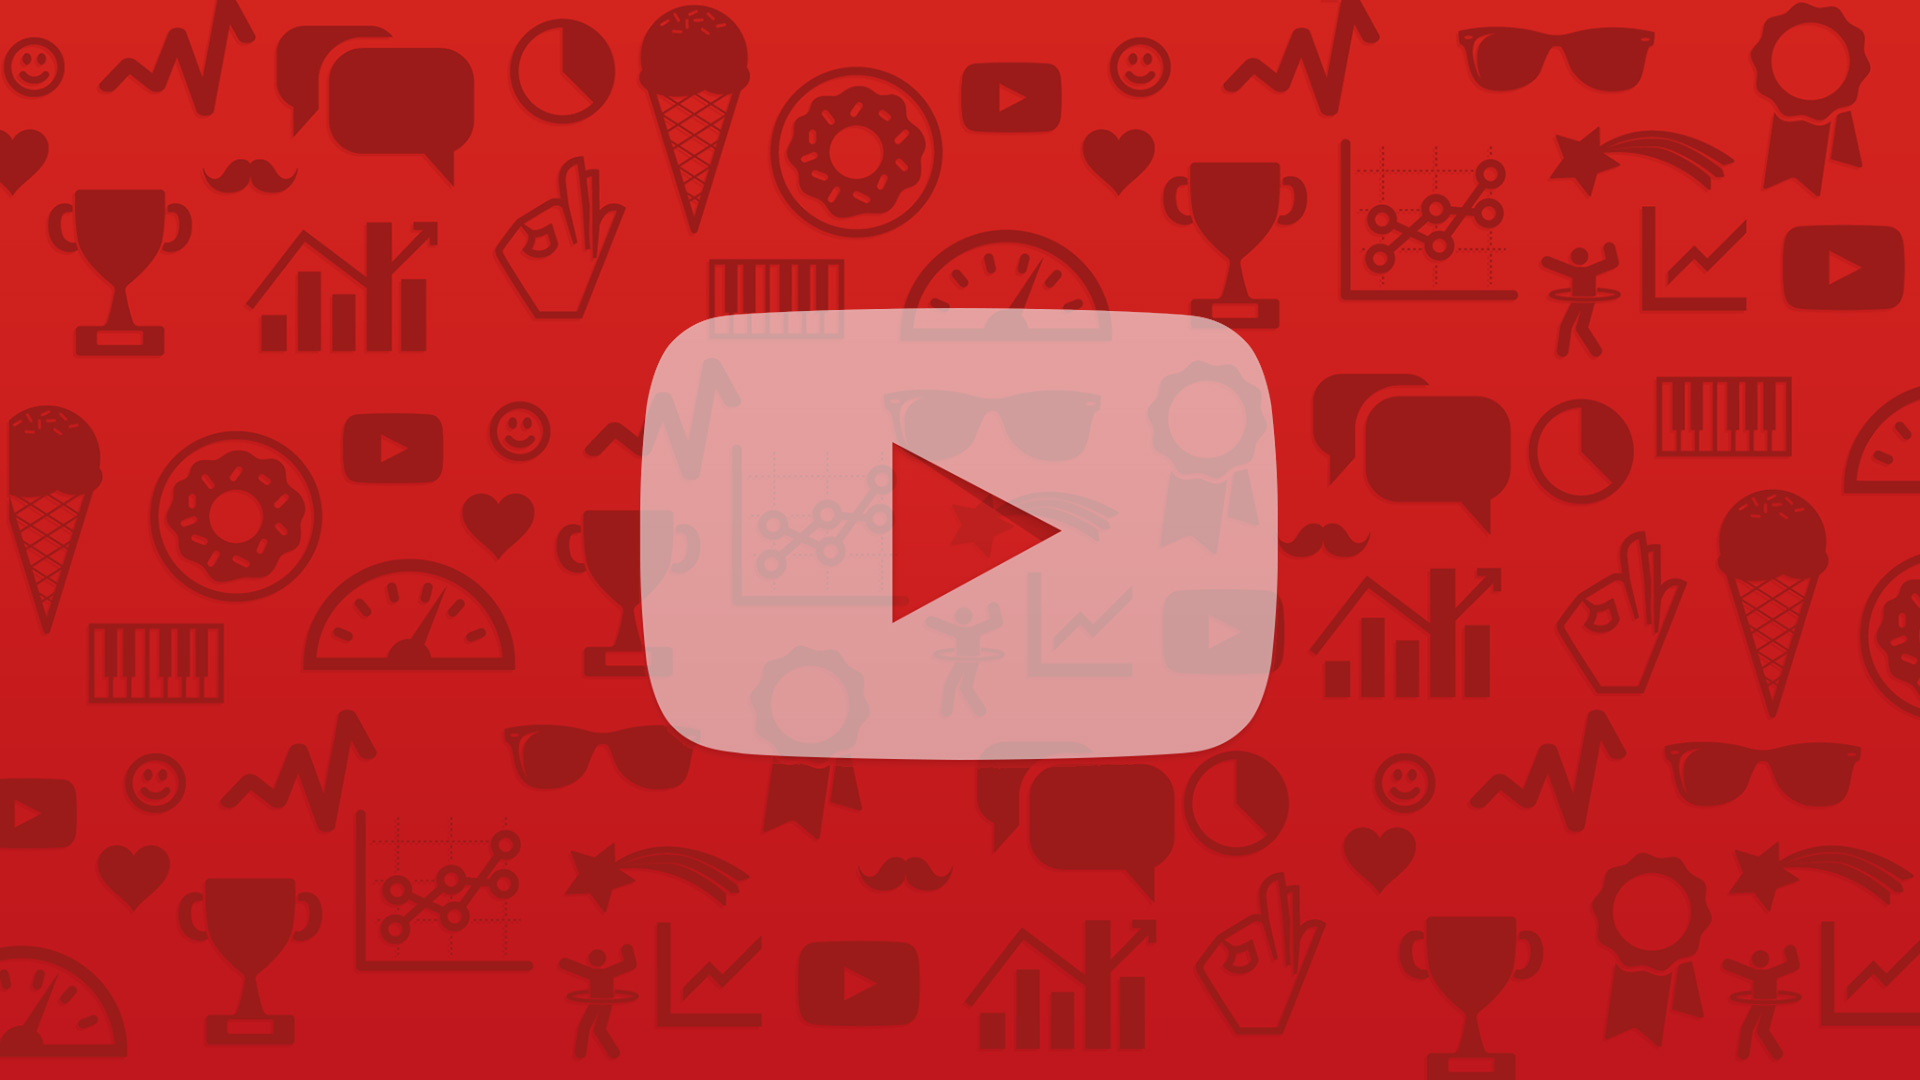 يوتيوب تطرح ميزة التشغيل التلقائي لأجهزة أندرويد وiOS